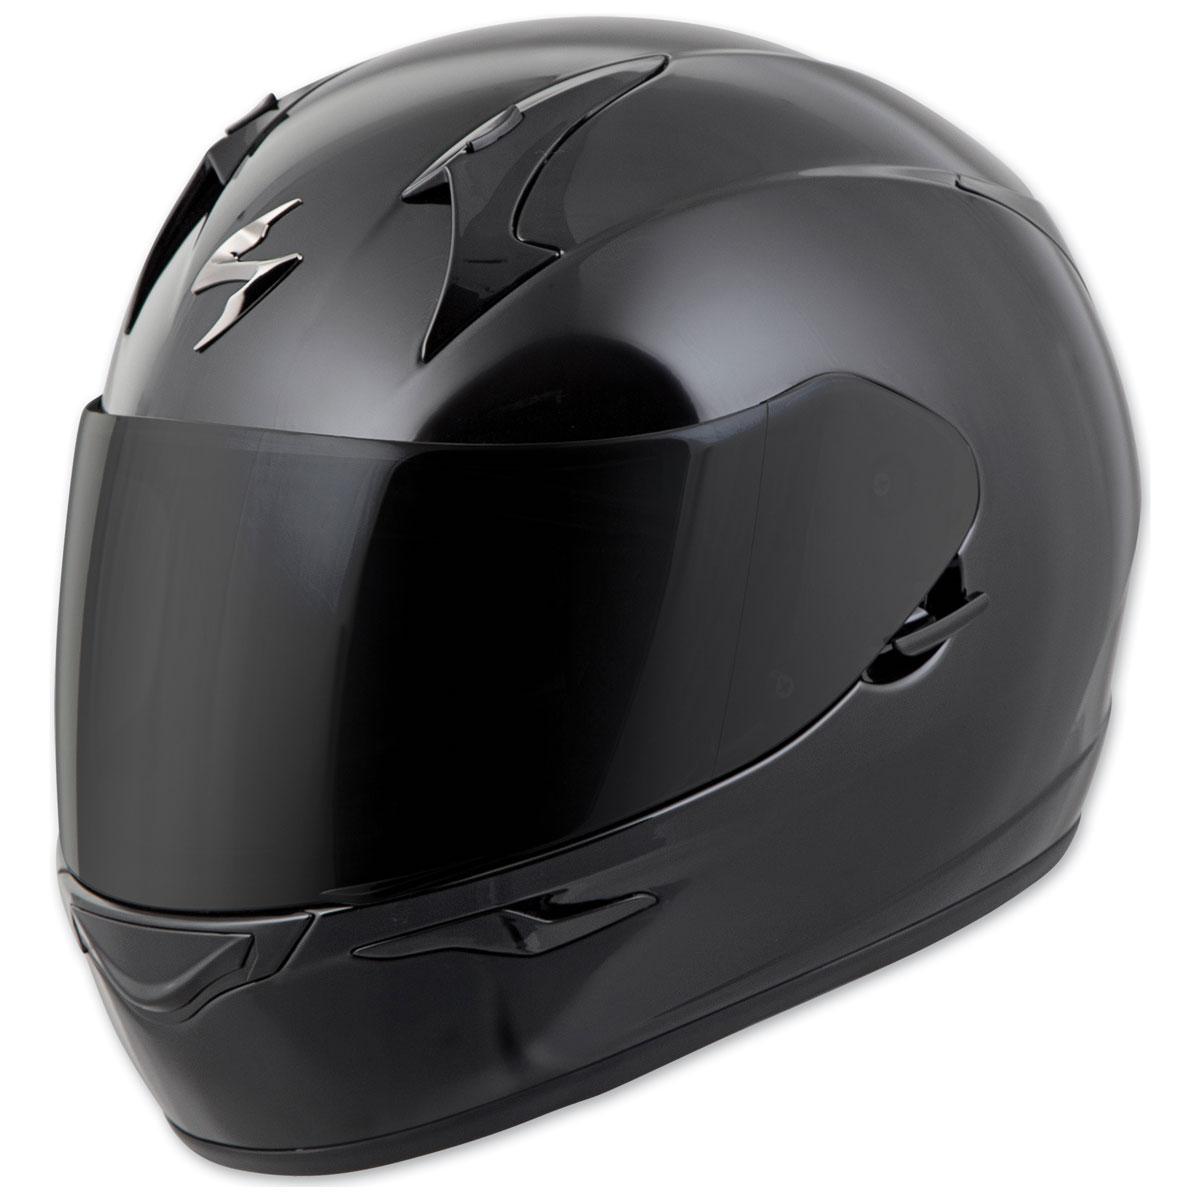 Scorpion EXO EXO-R320 Gloss Black Full Face Helmet